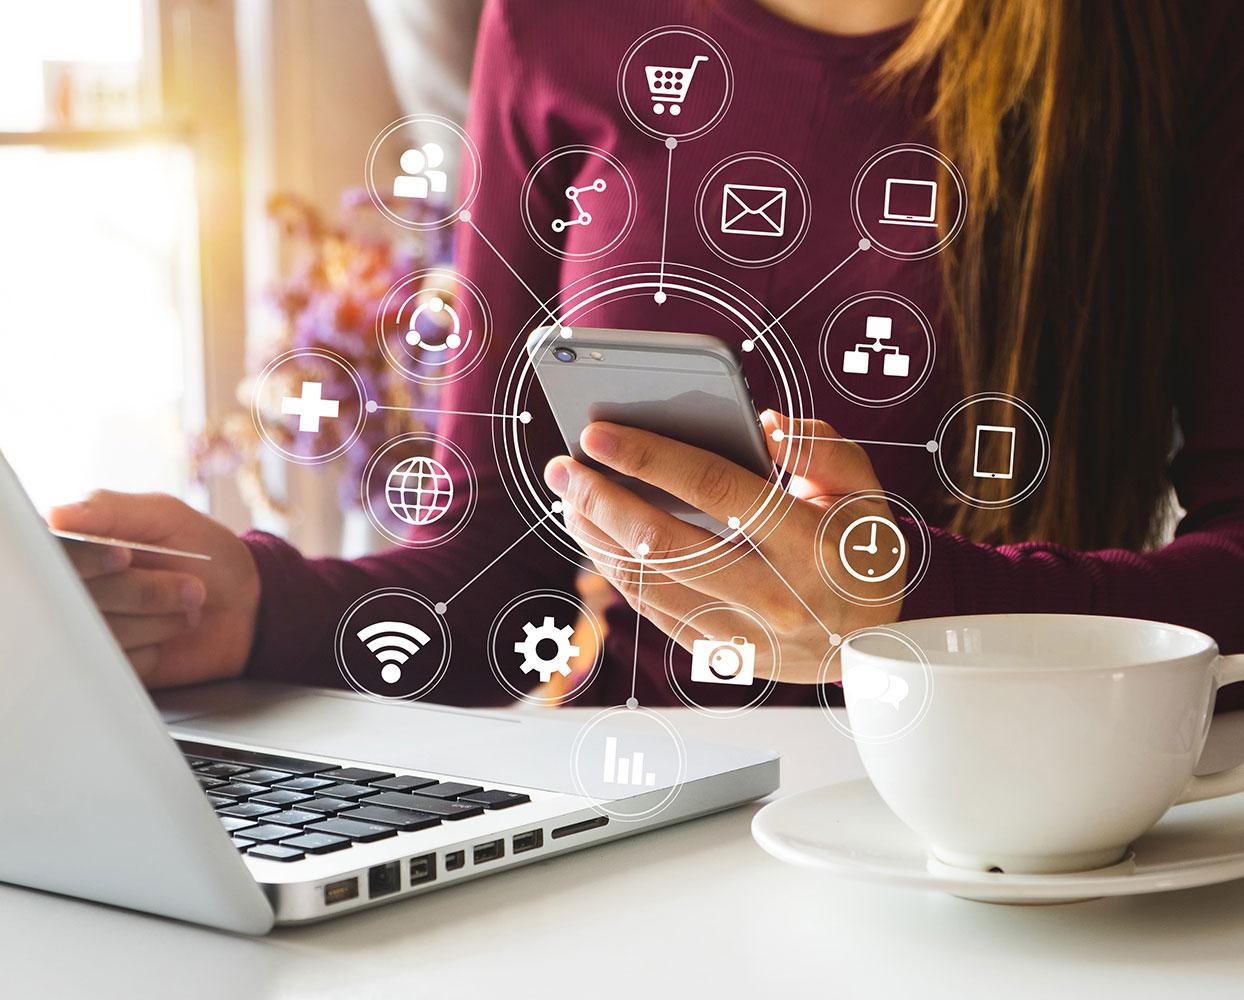 TouchpointMX Omni-channel marketing platform